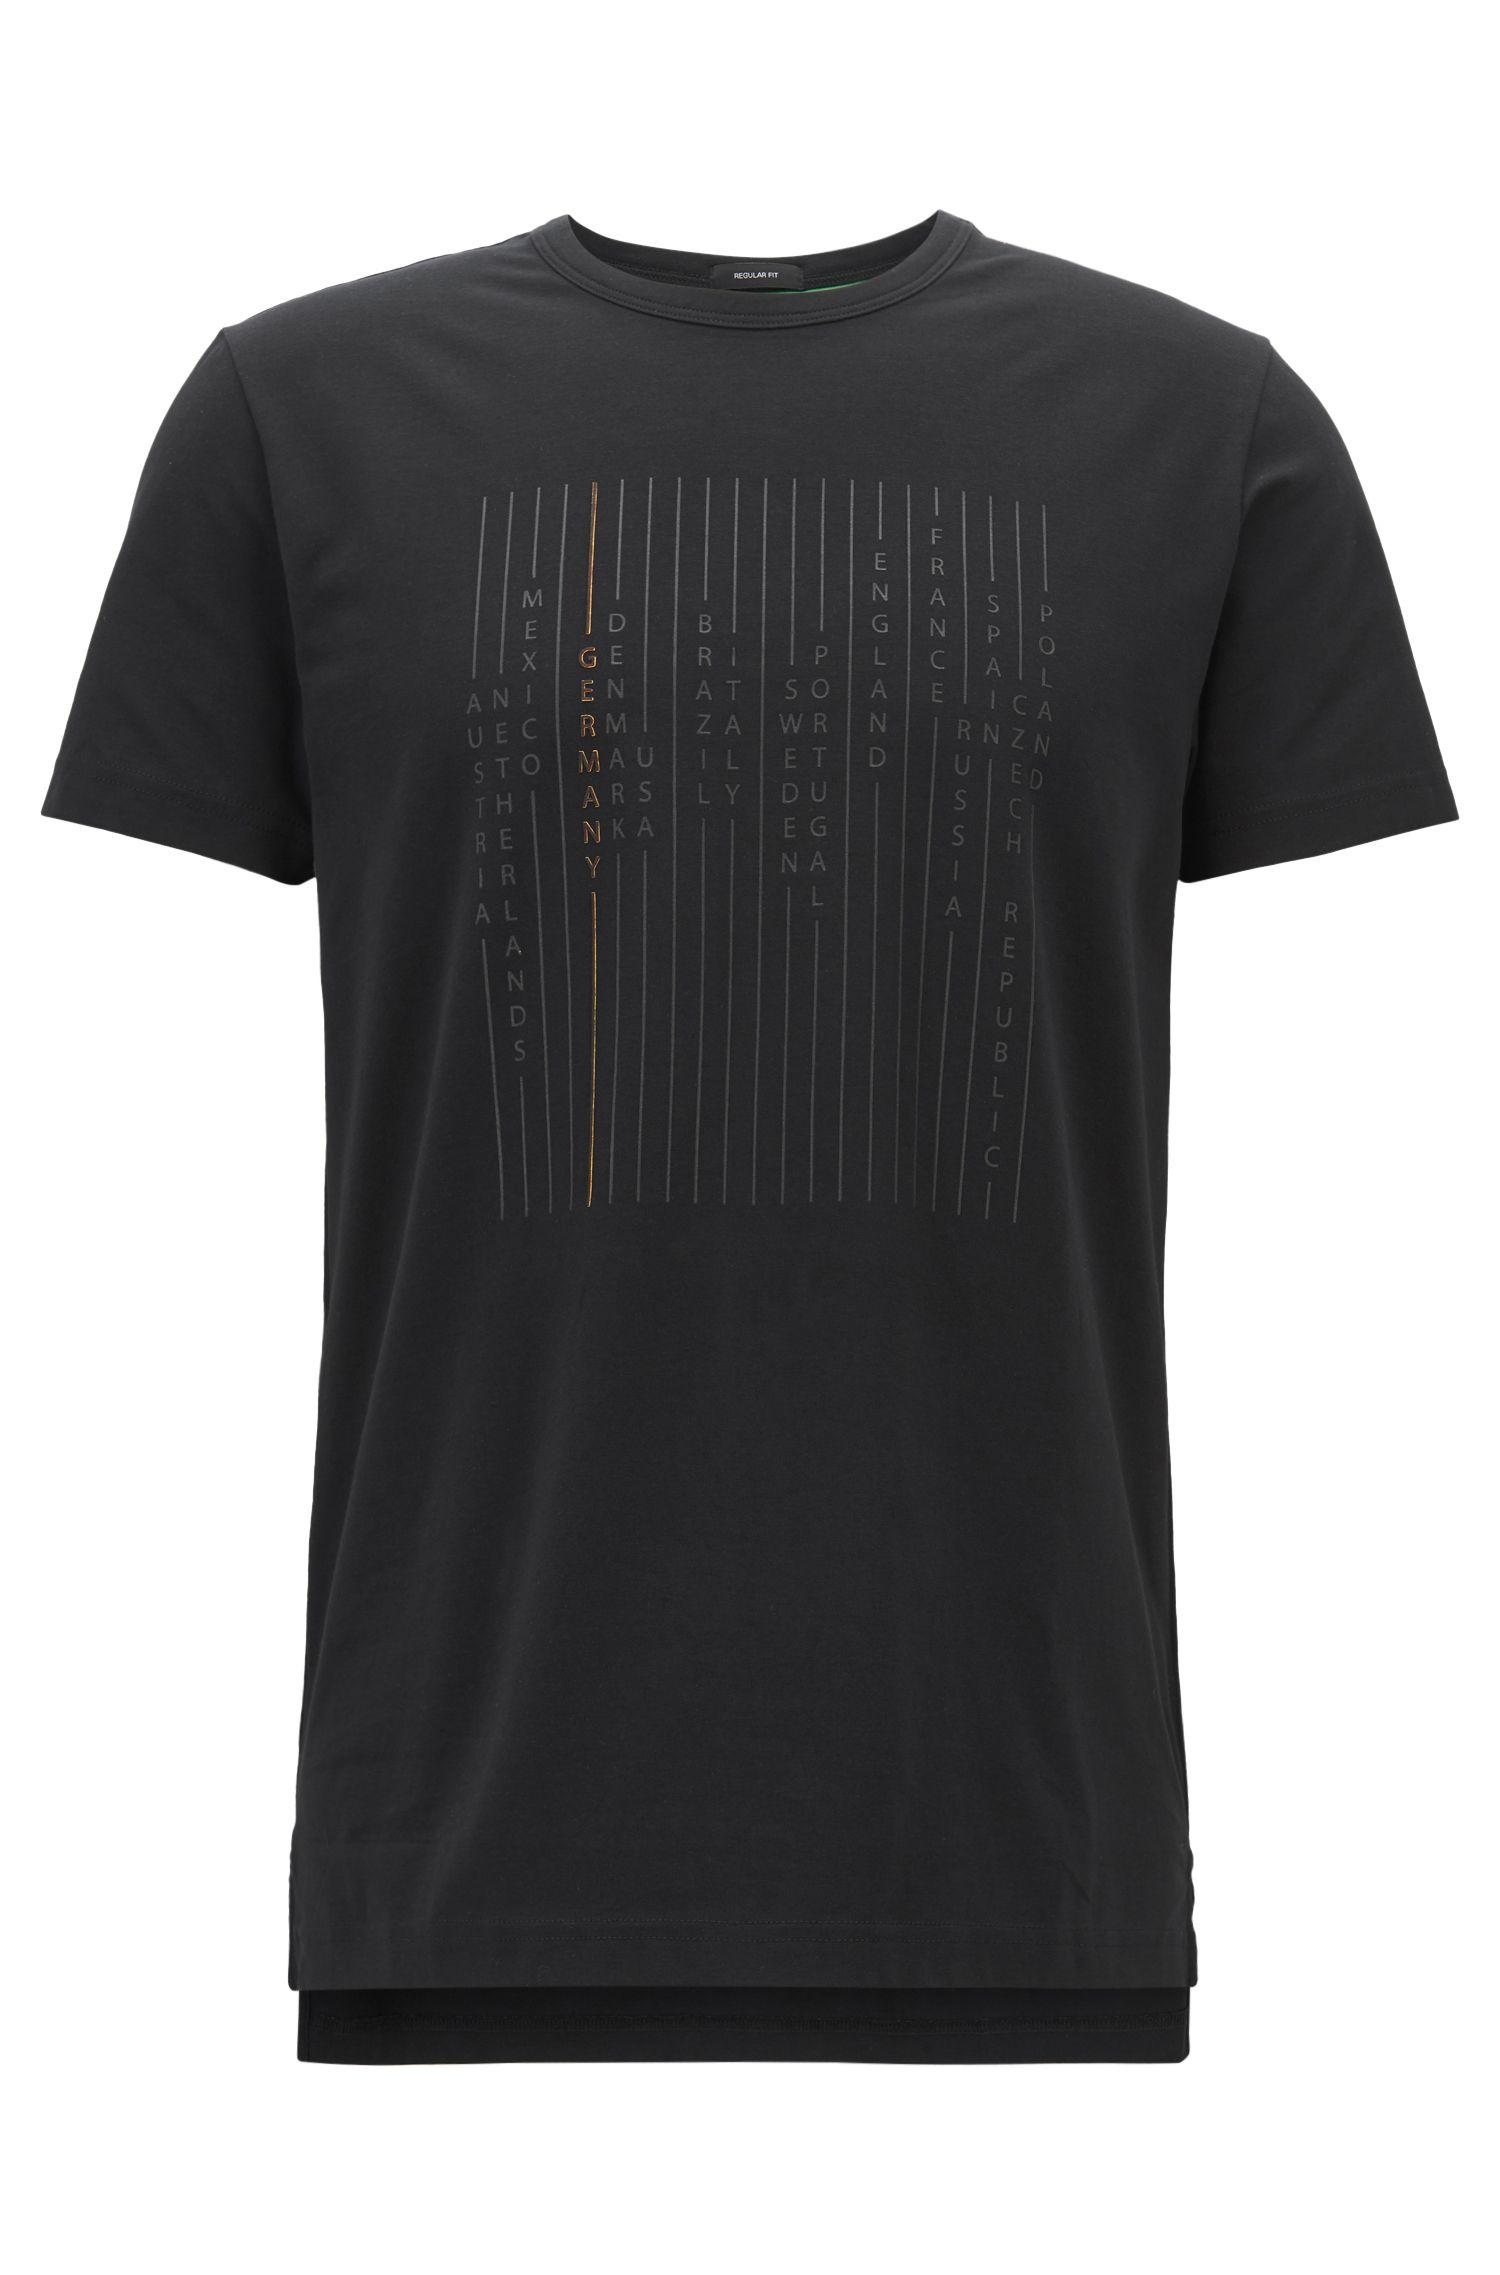 T-Shirt aus Stretch-Baumwolle mit Nationalteam-Print